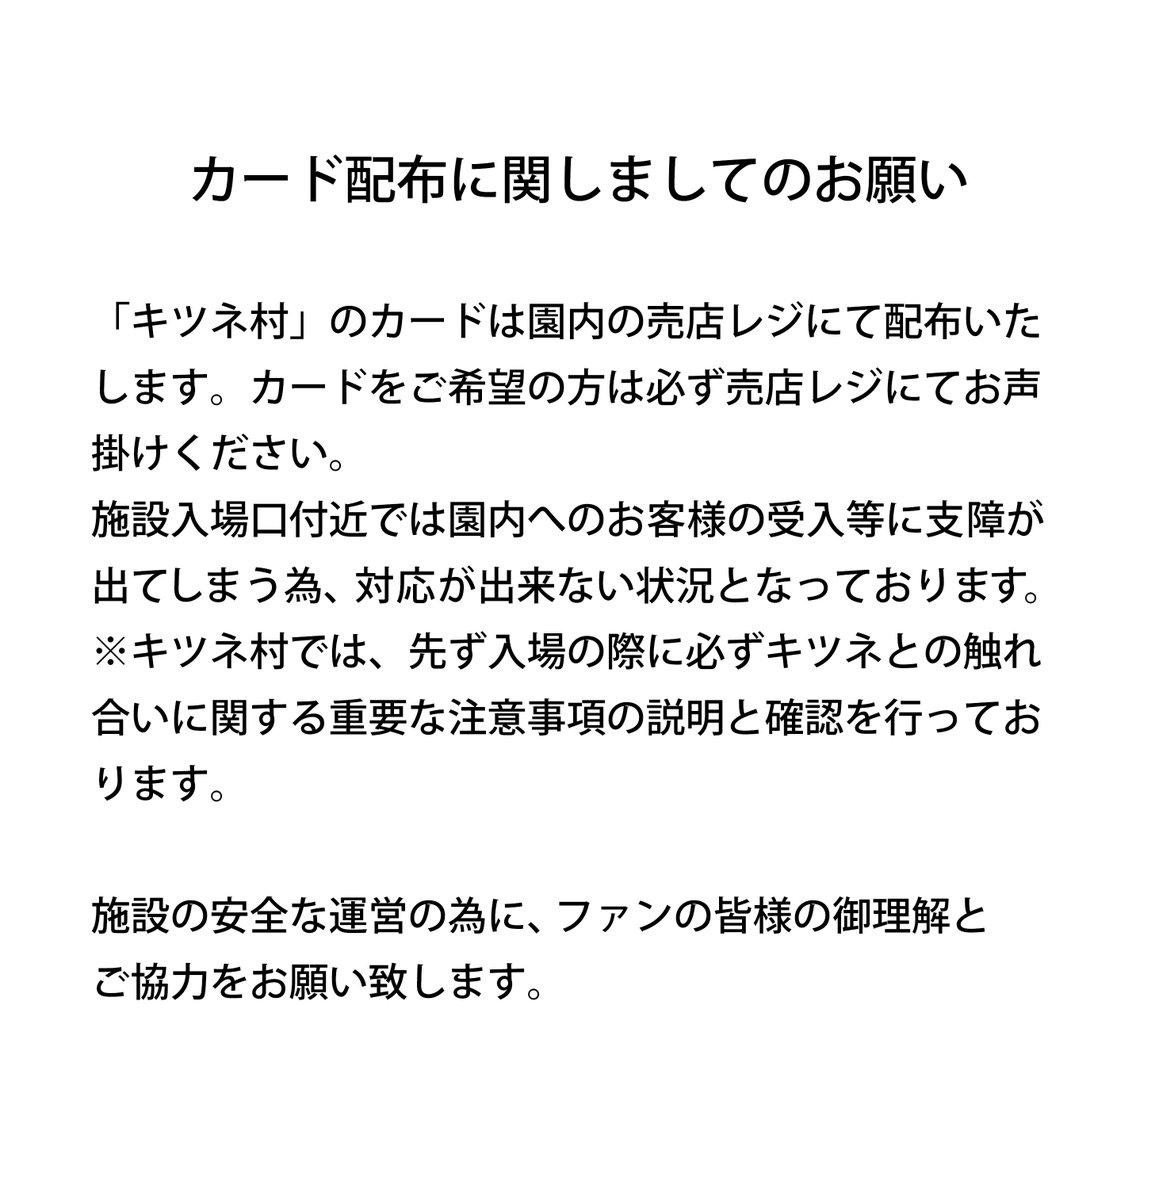 「うぇいくあっぷがーるZOO!あなざーりある」宮城蔵王キツネ村のカードを4/29(土)に追加いたします。カード追加にあた